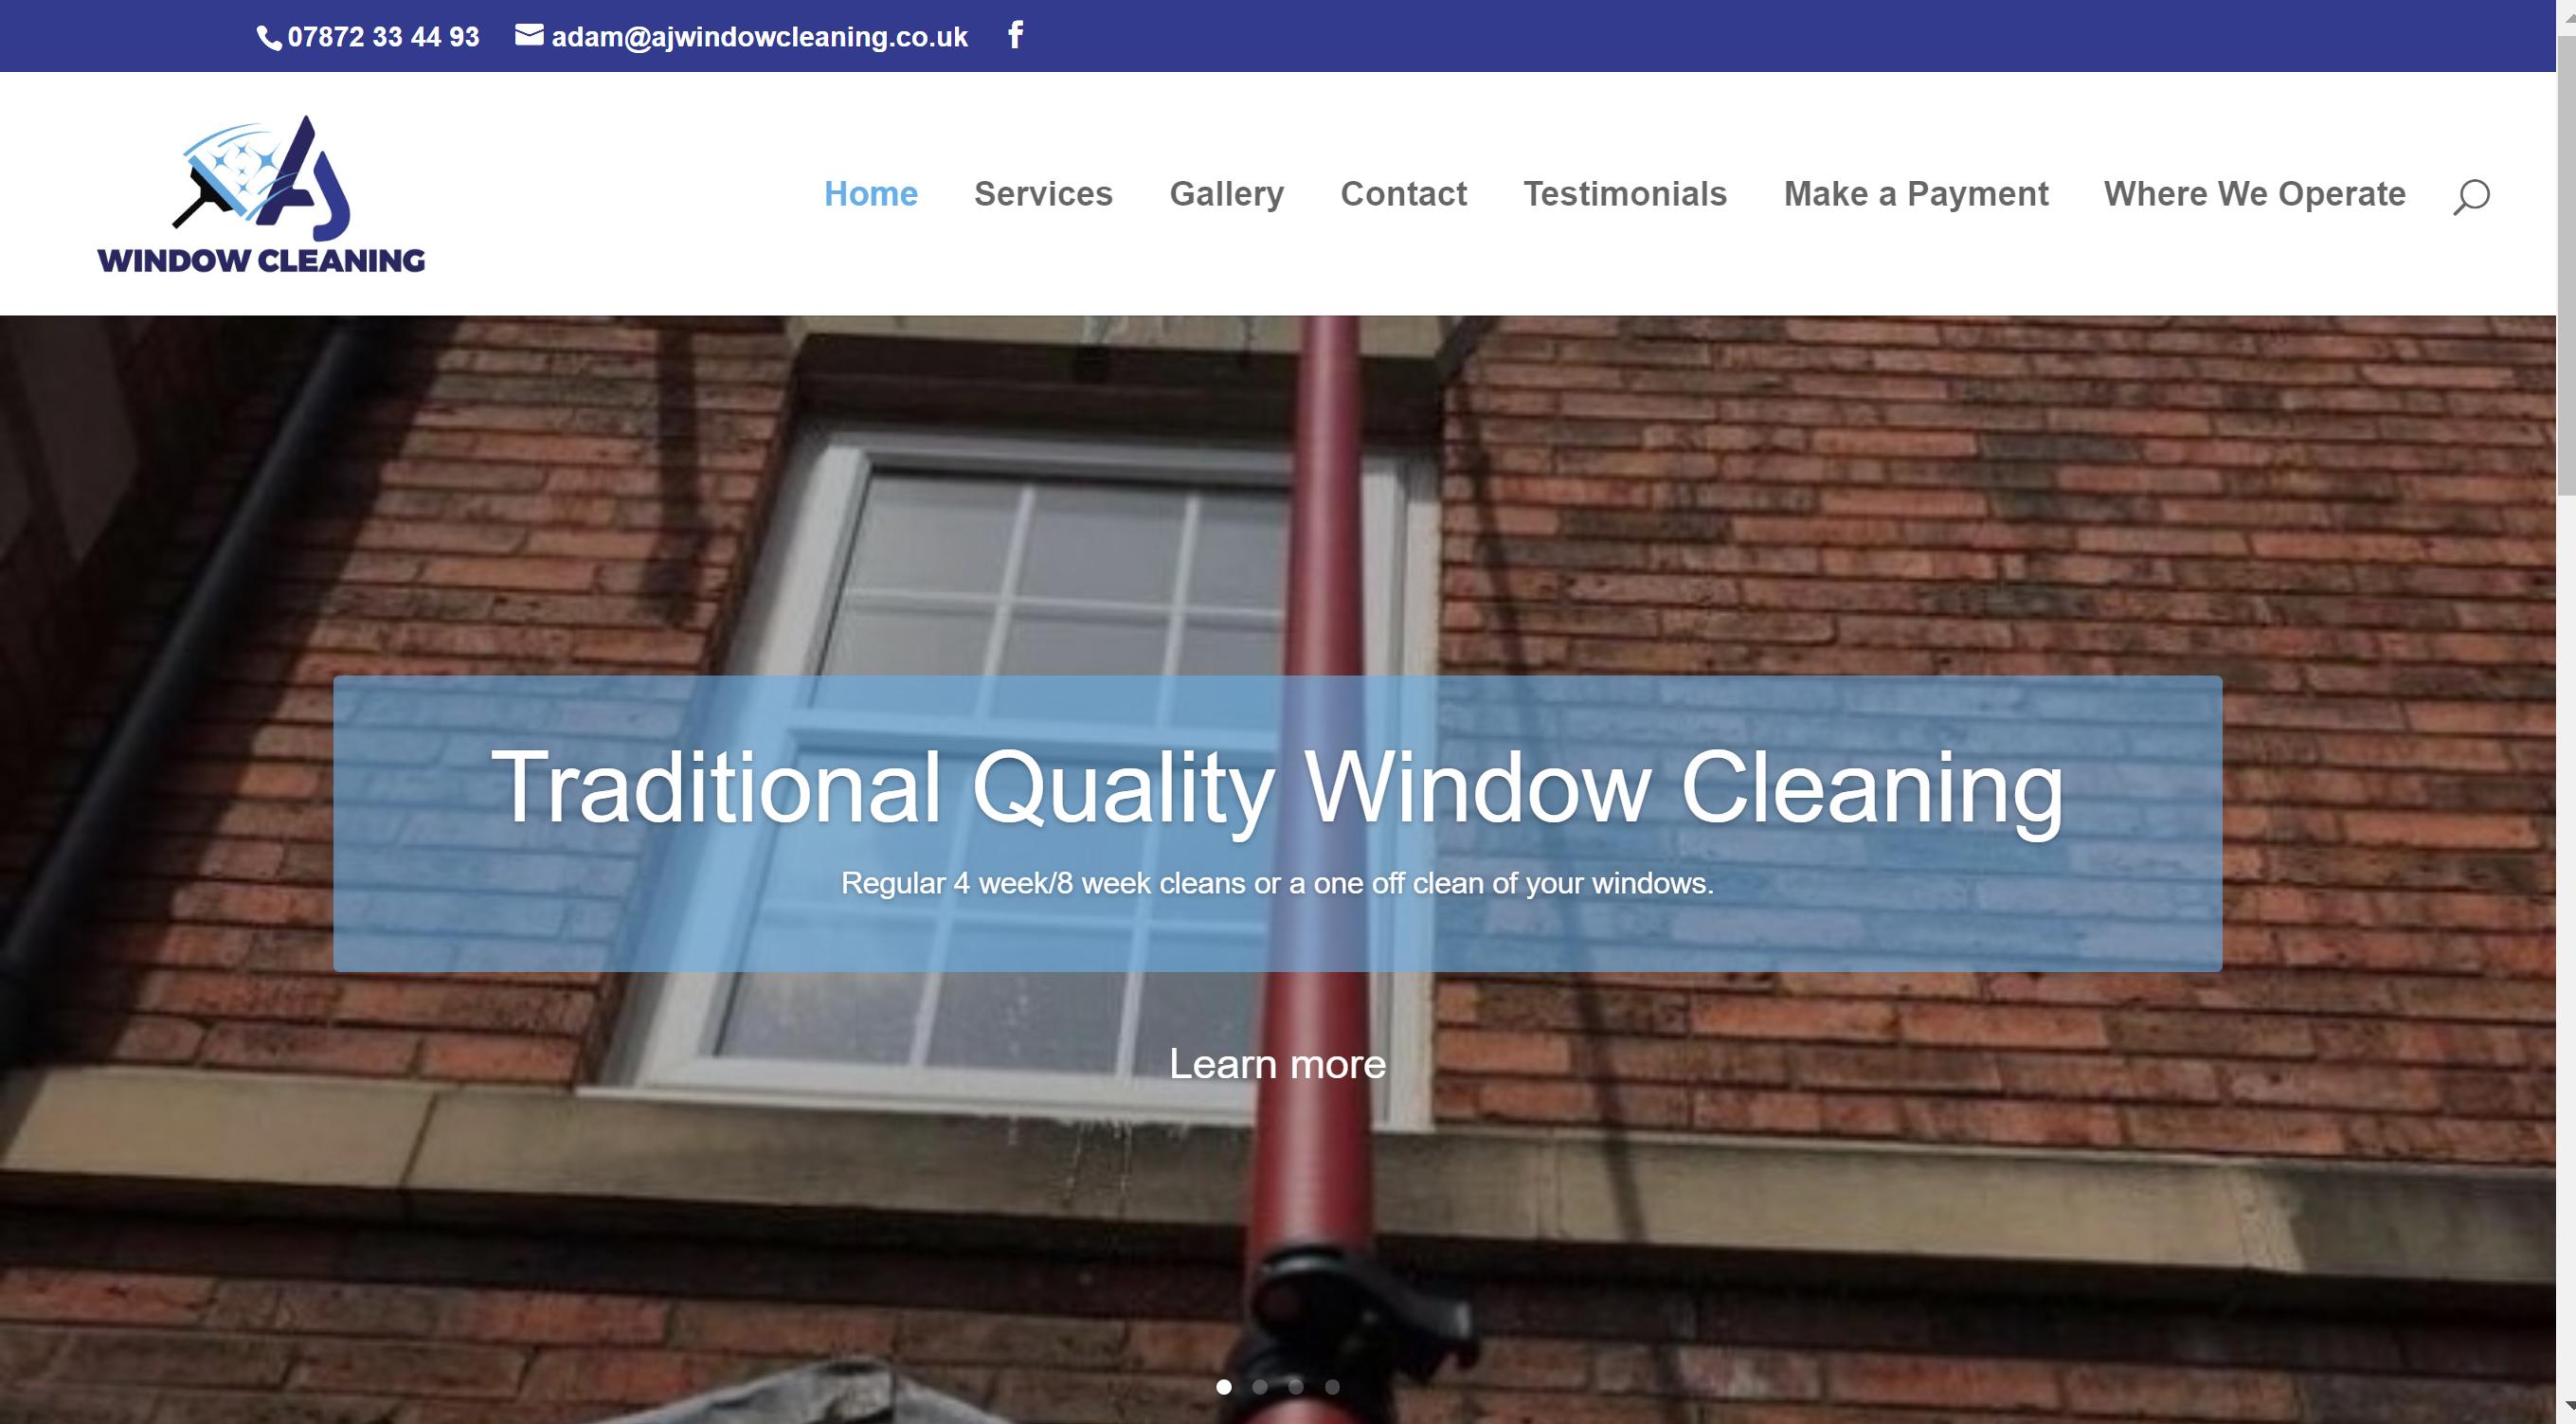 AJ Window Cleaning